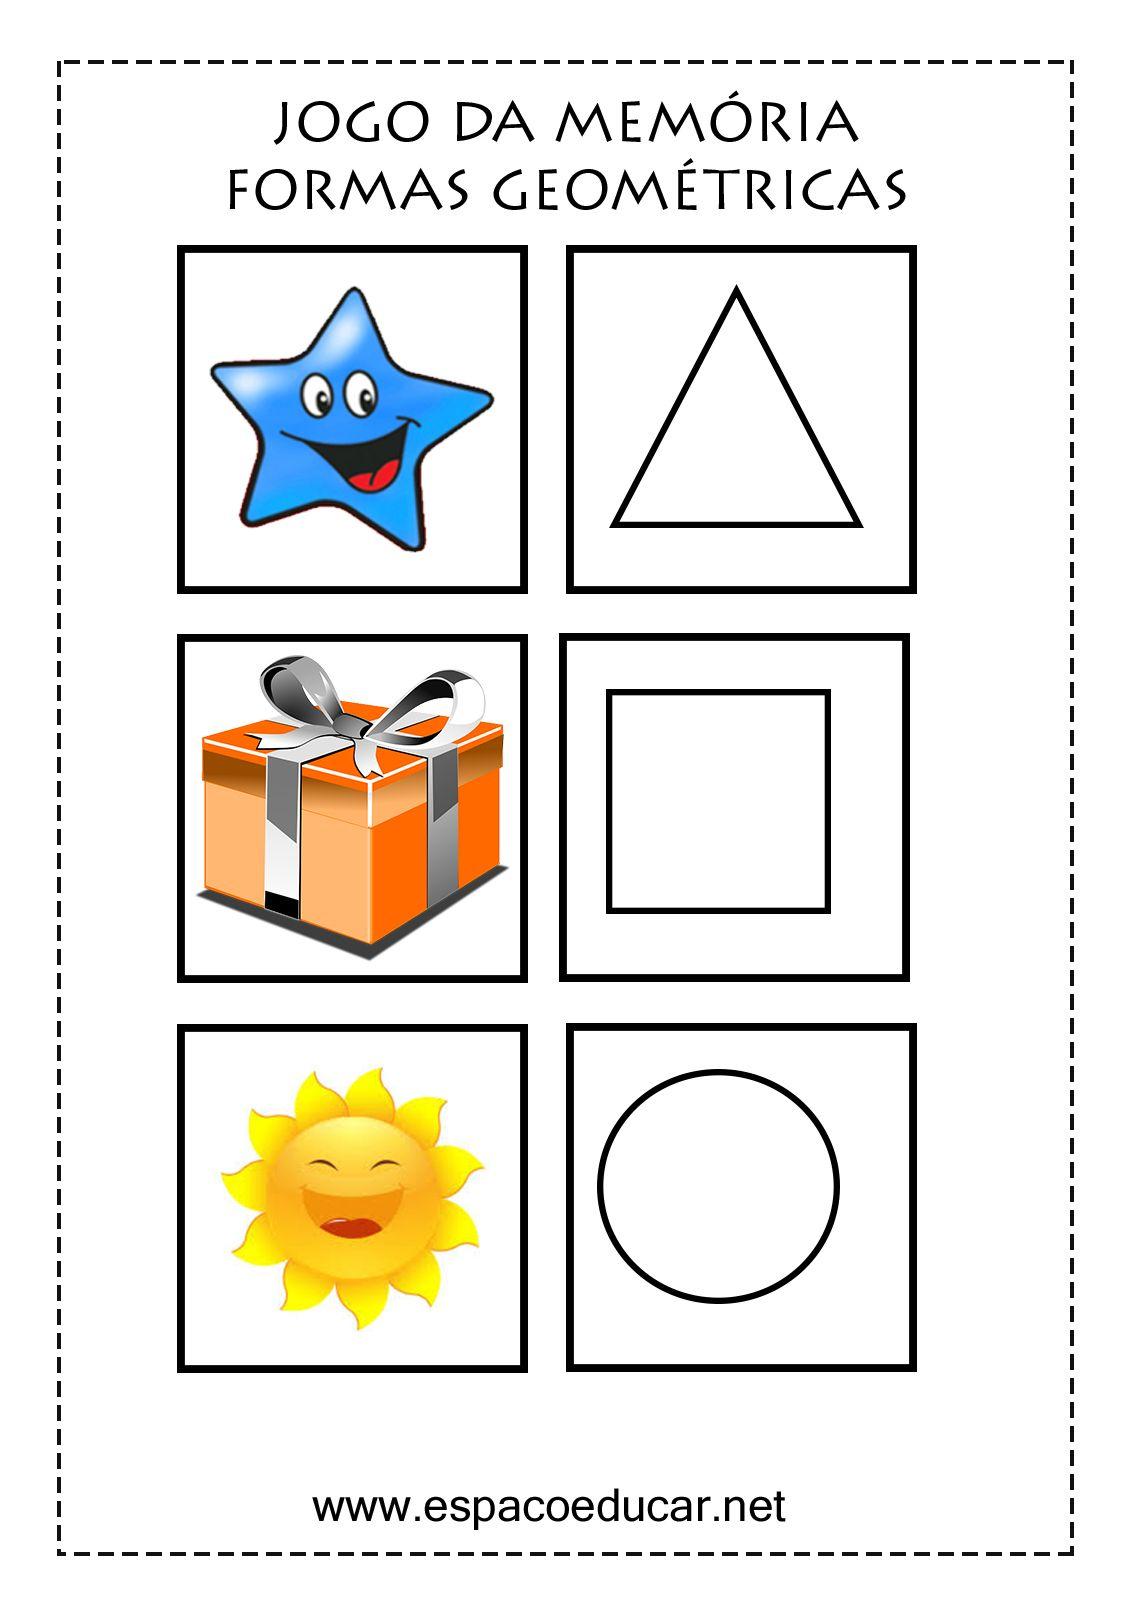 jogo da mem c3 b3ria formas geom c3 a9tricas jogo educativo para